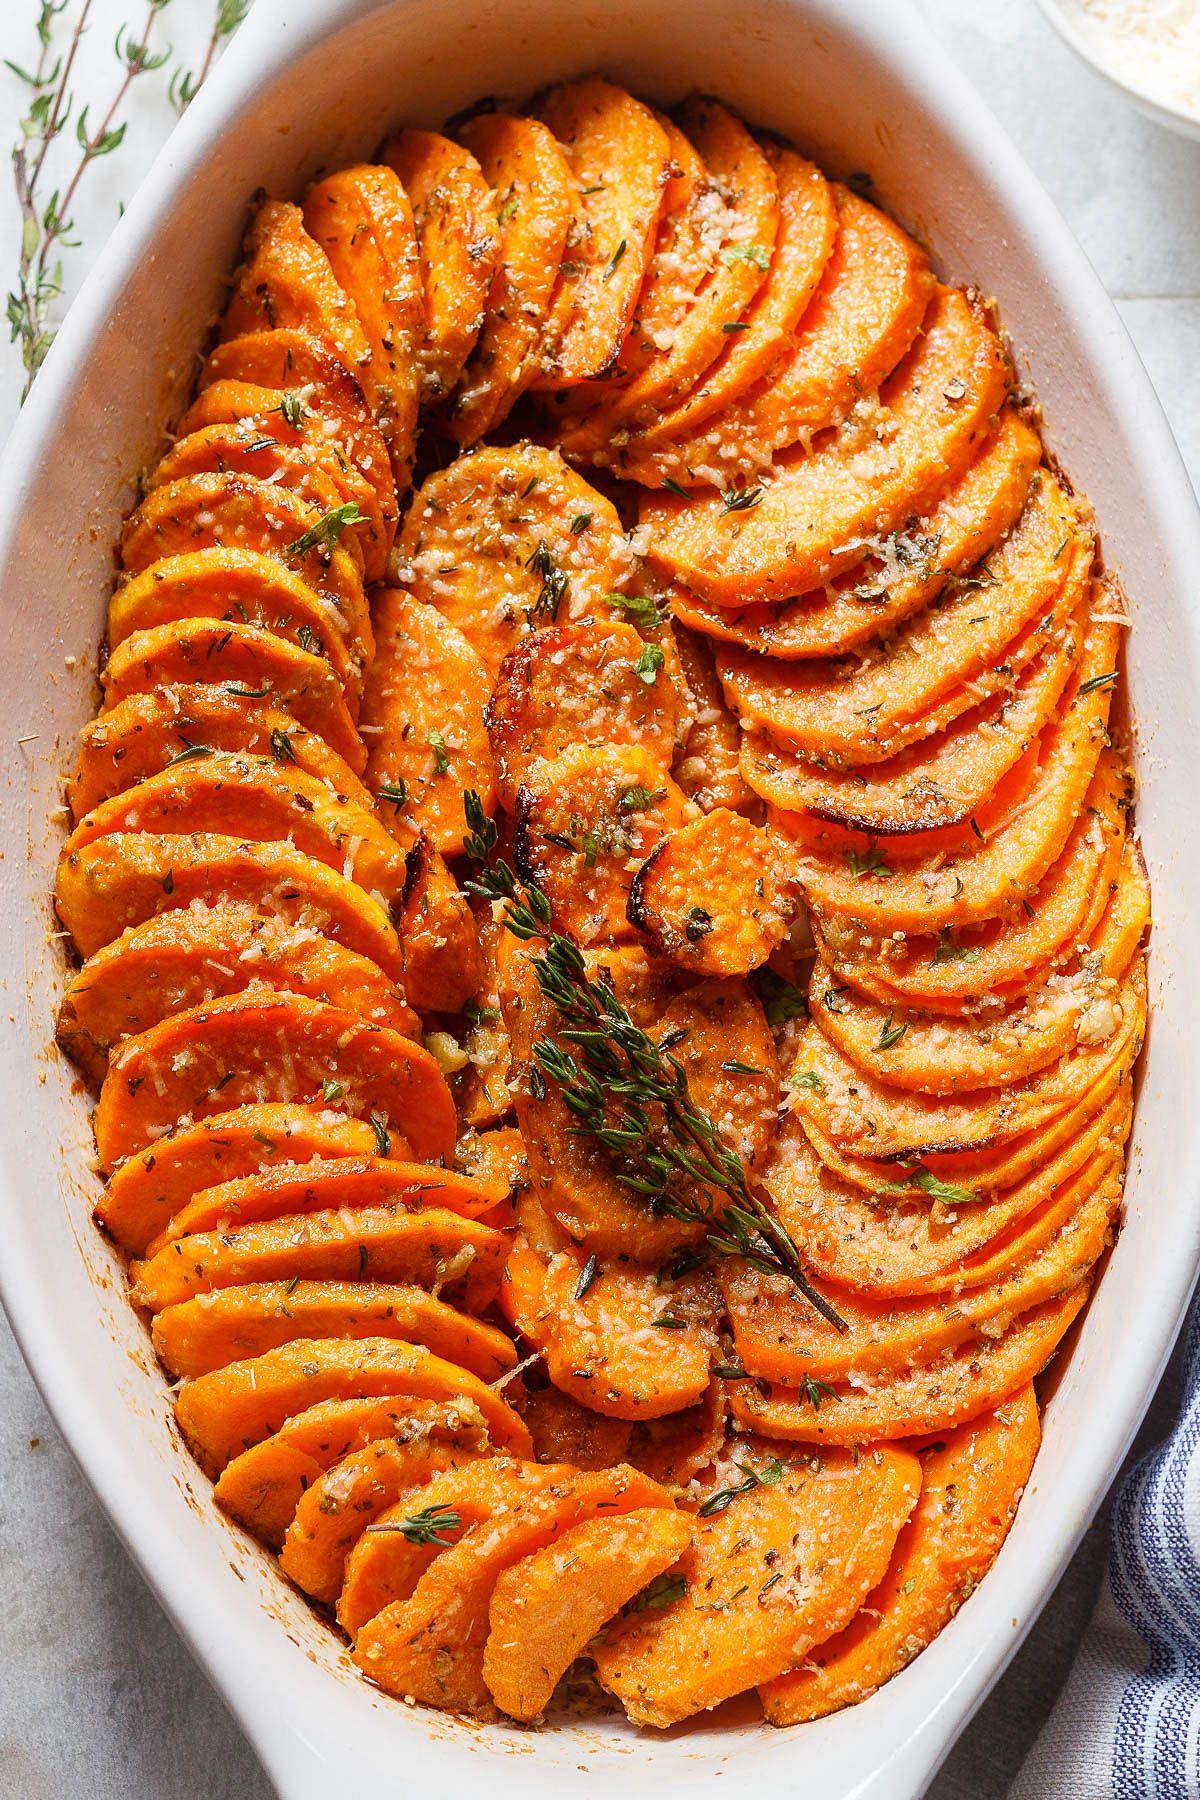 Garlic Parmesan Roasted Sweet Potatoes